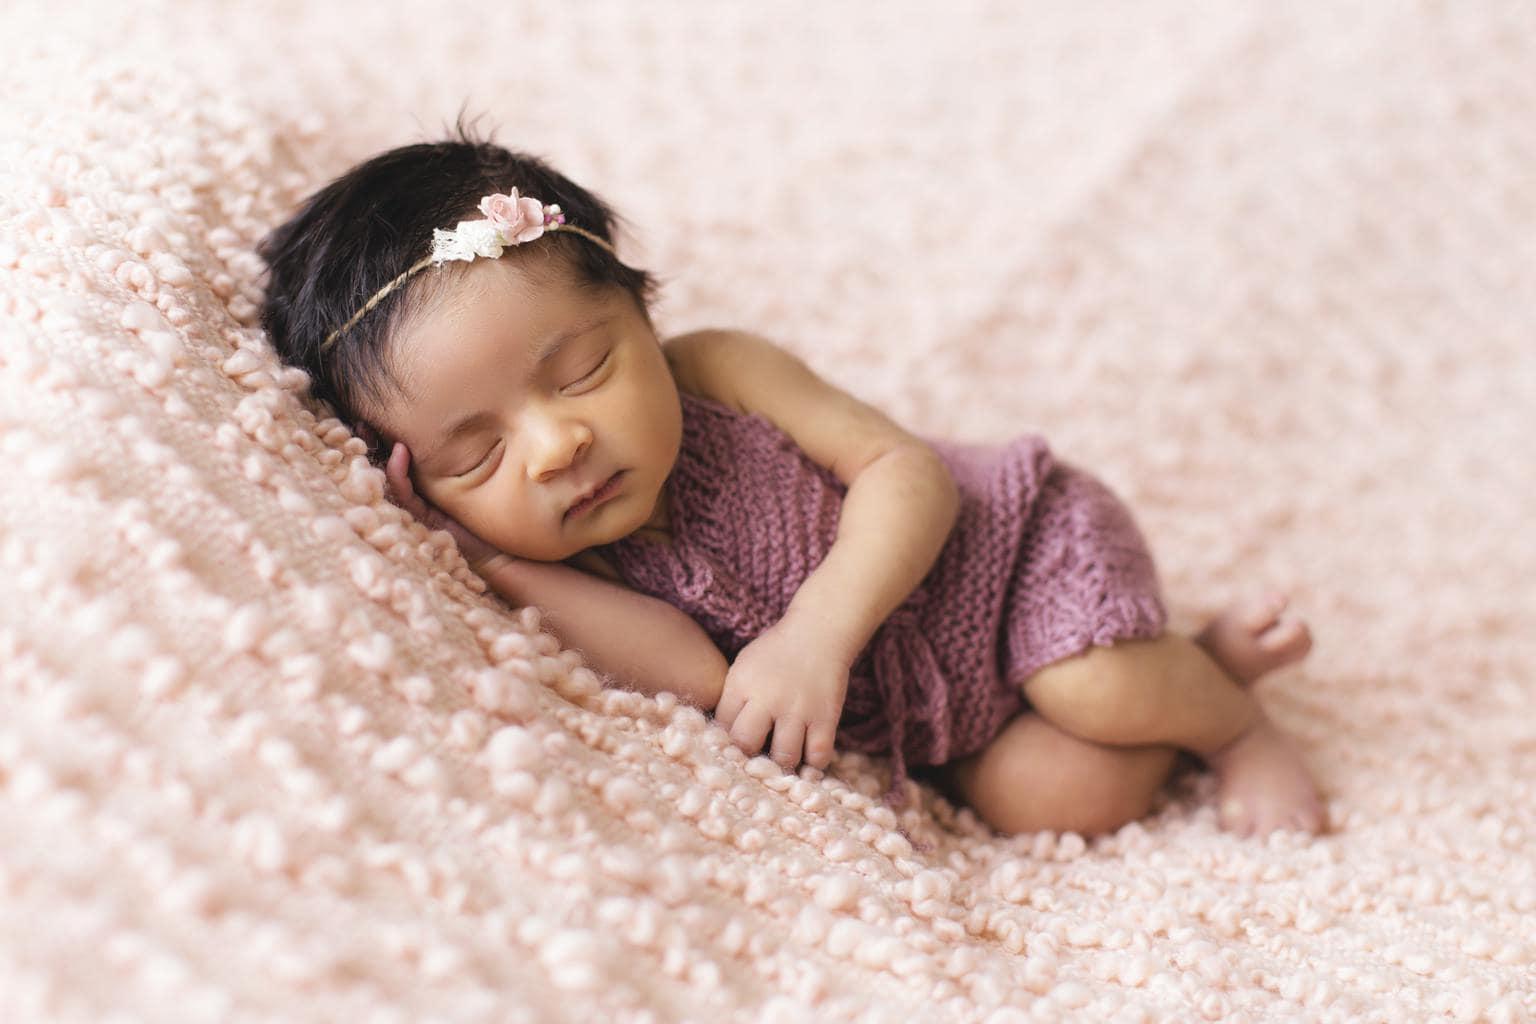 fotografía de bebé  recién nacido con diadema lila